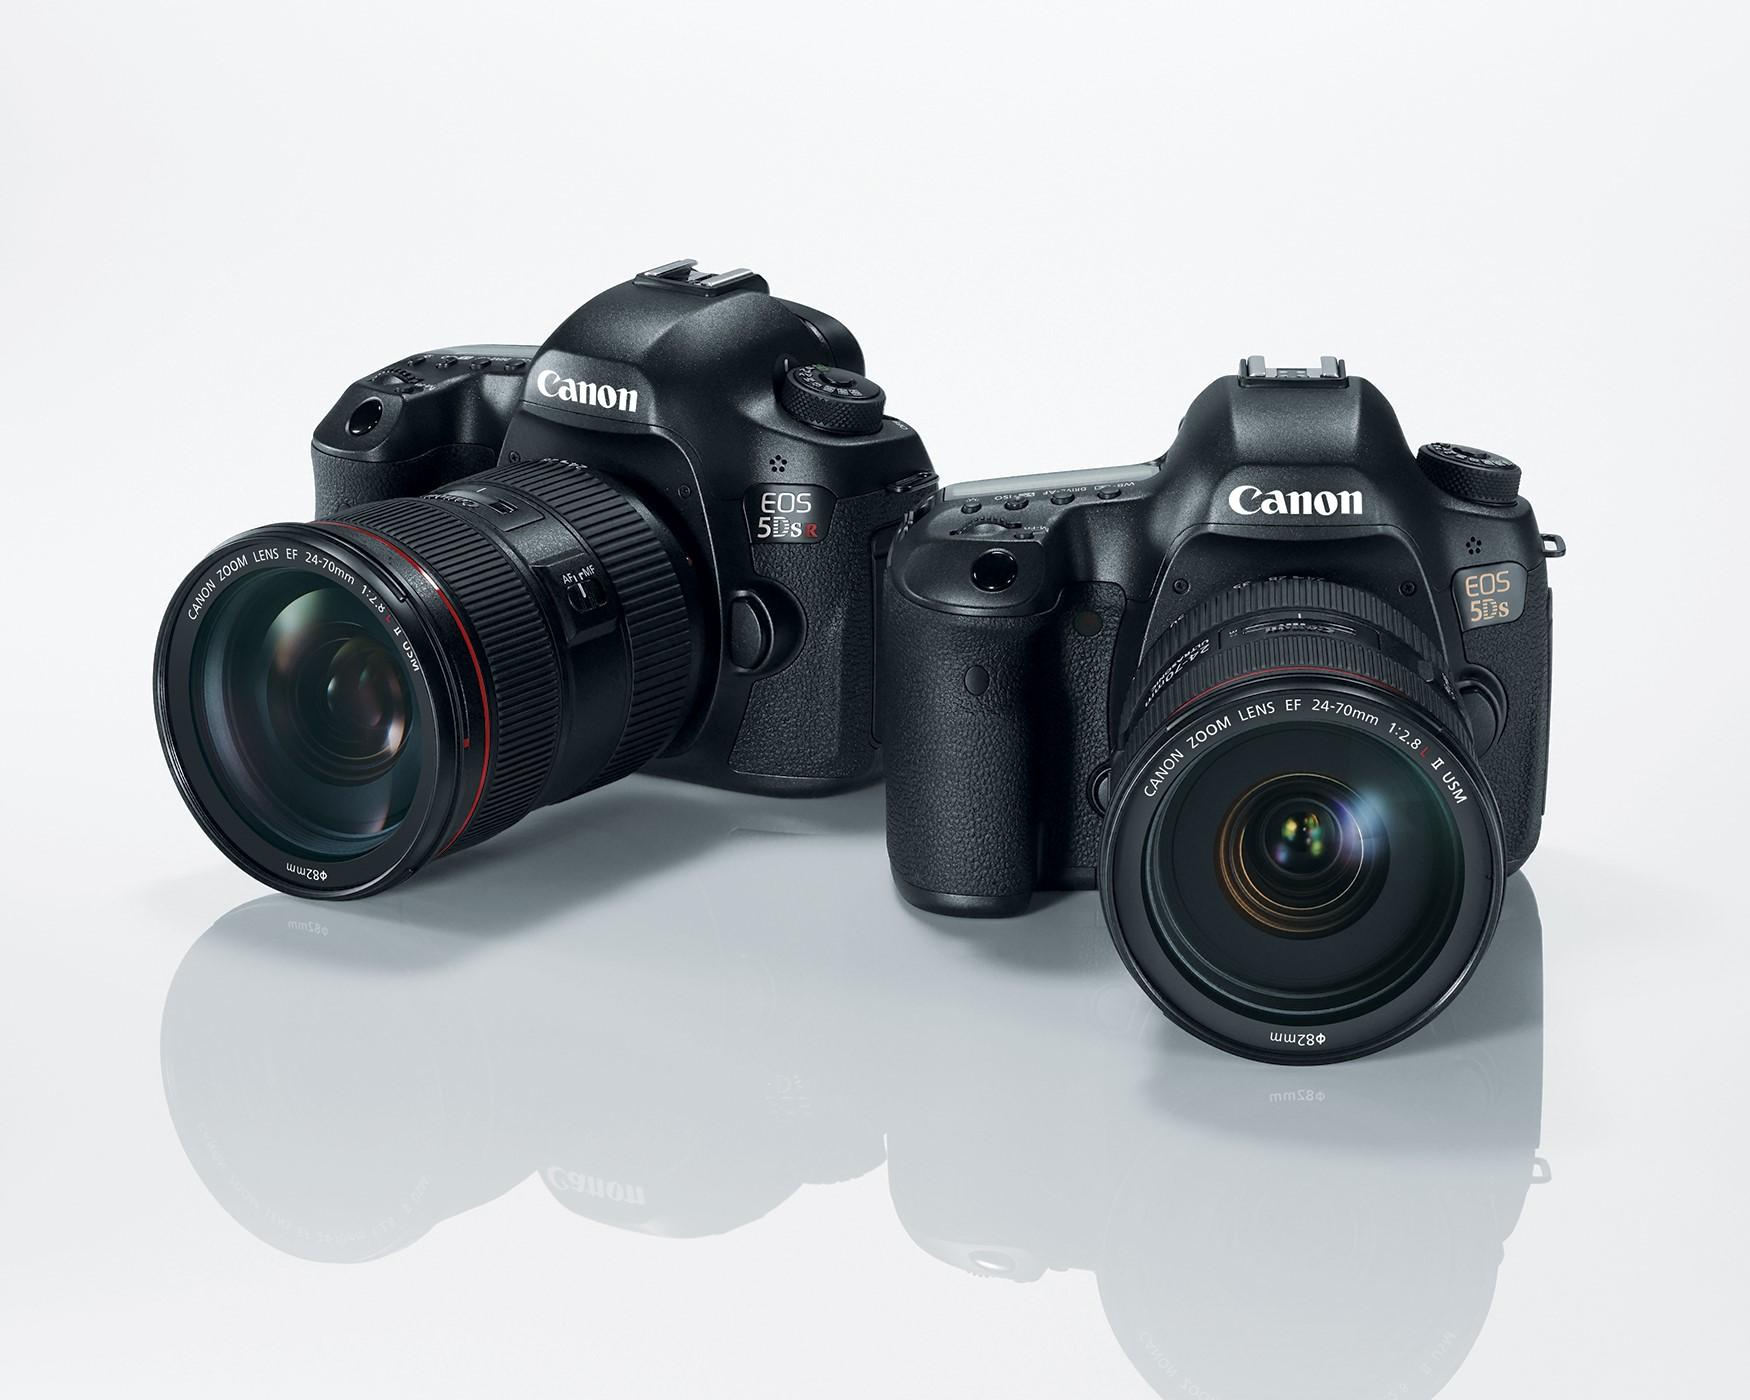 Download – Camera News at Cameraegg